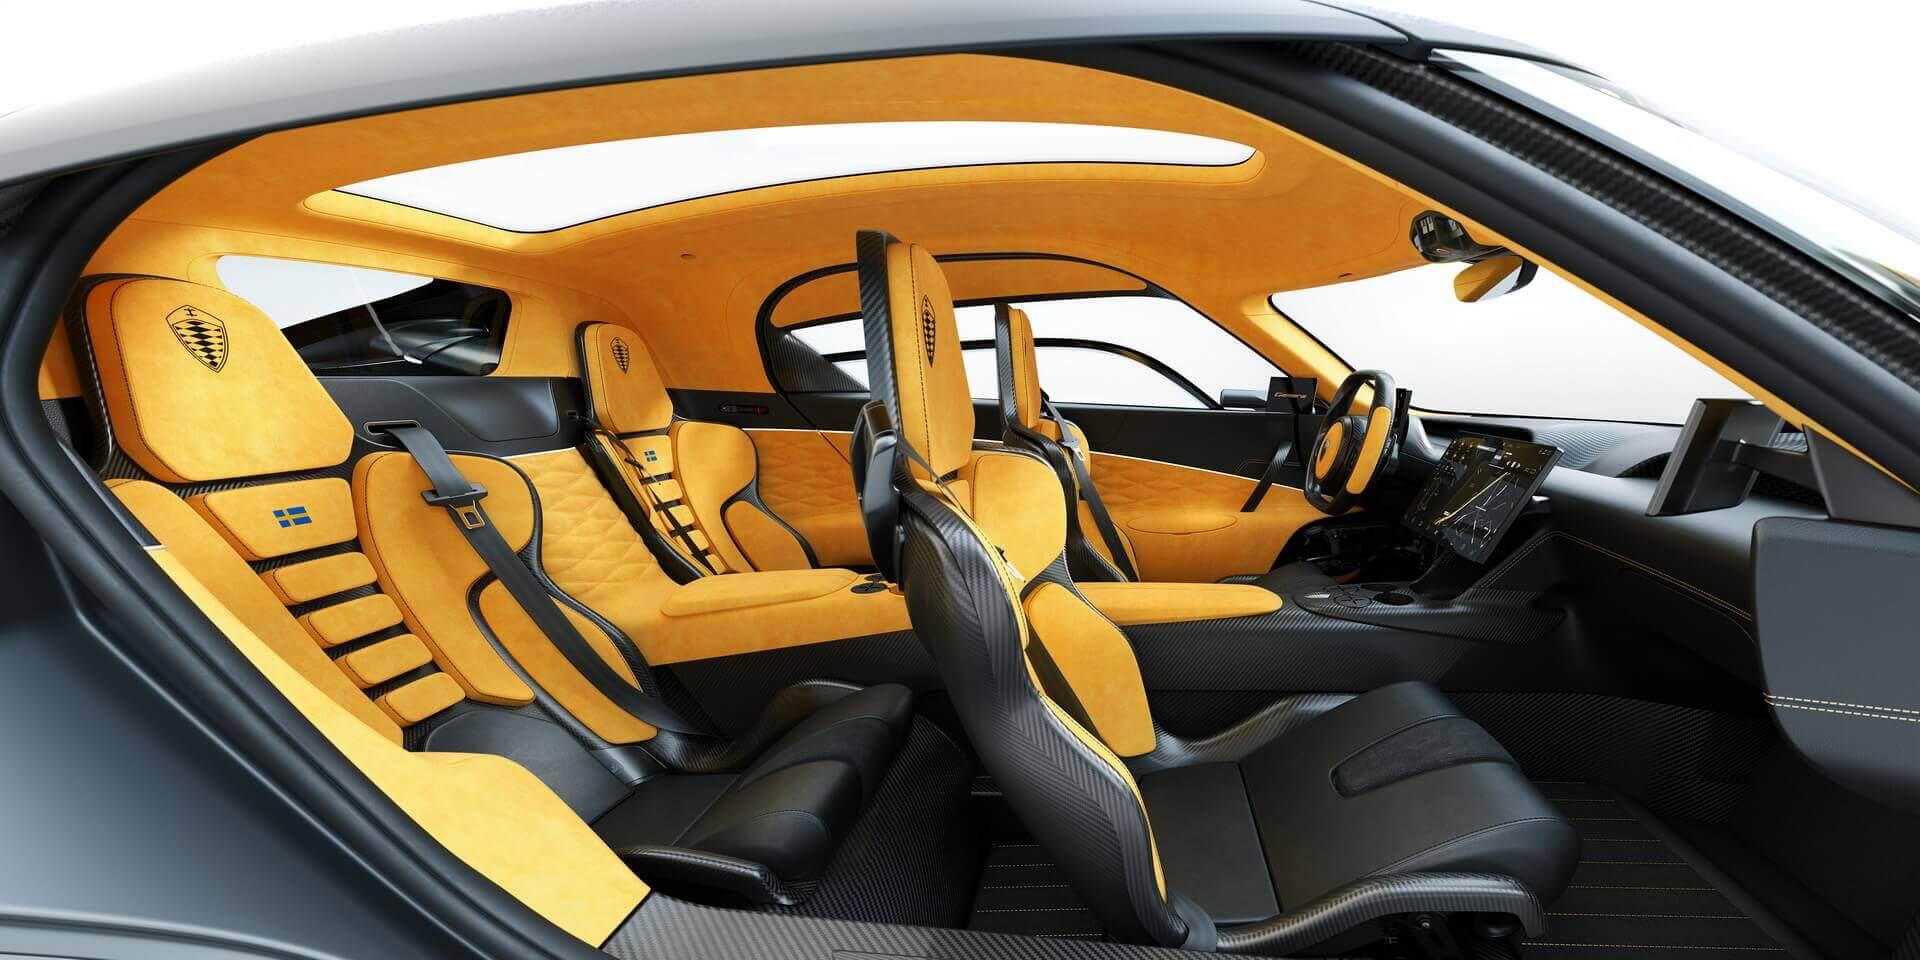 Четырехместный гибридный гиперкар Koenigsegg Gemera